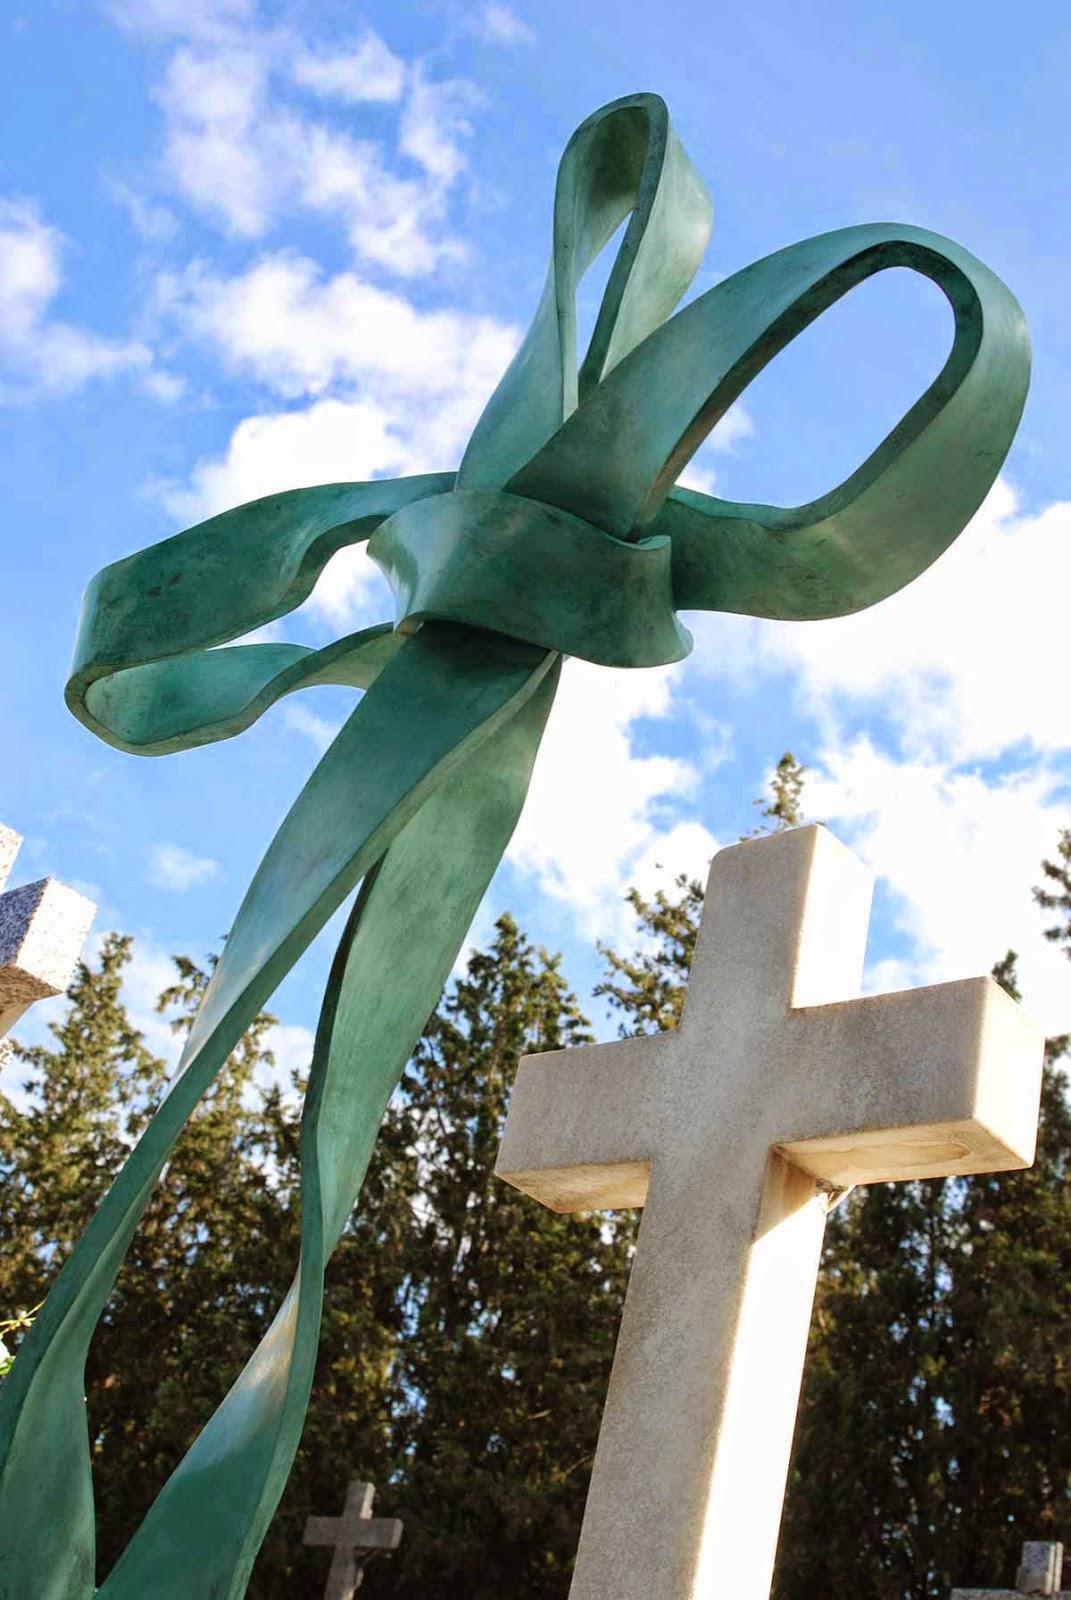 Monumento bronce cementerio Murcia Arturo Serra escultura 2